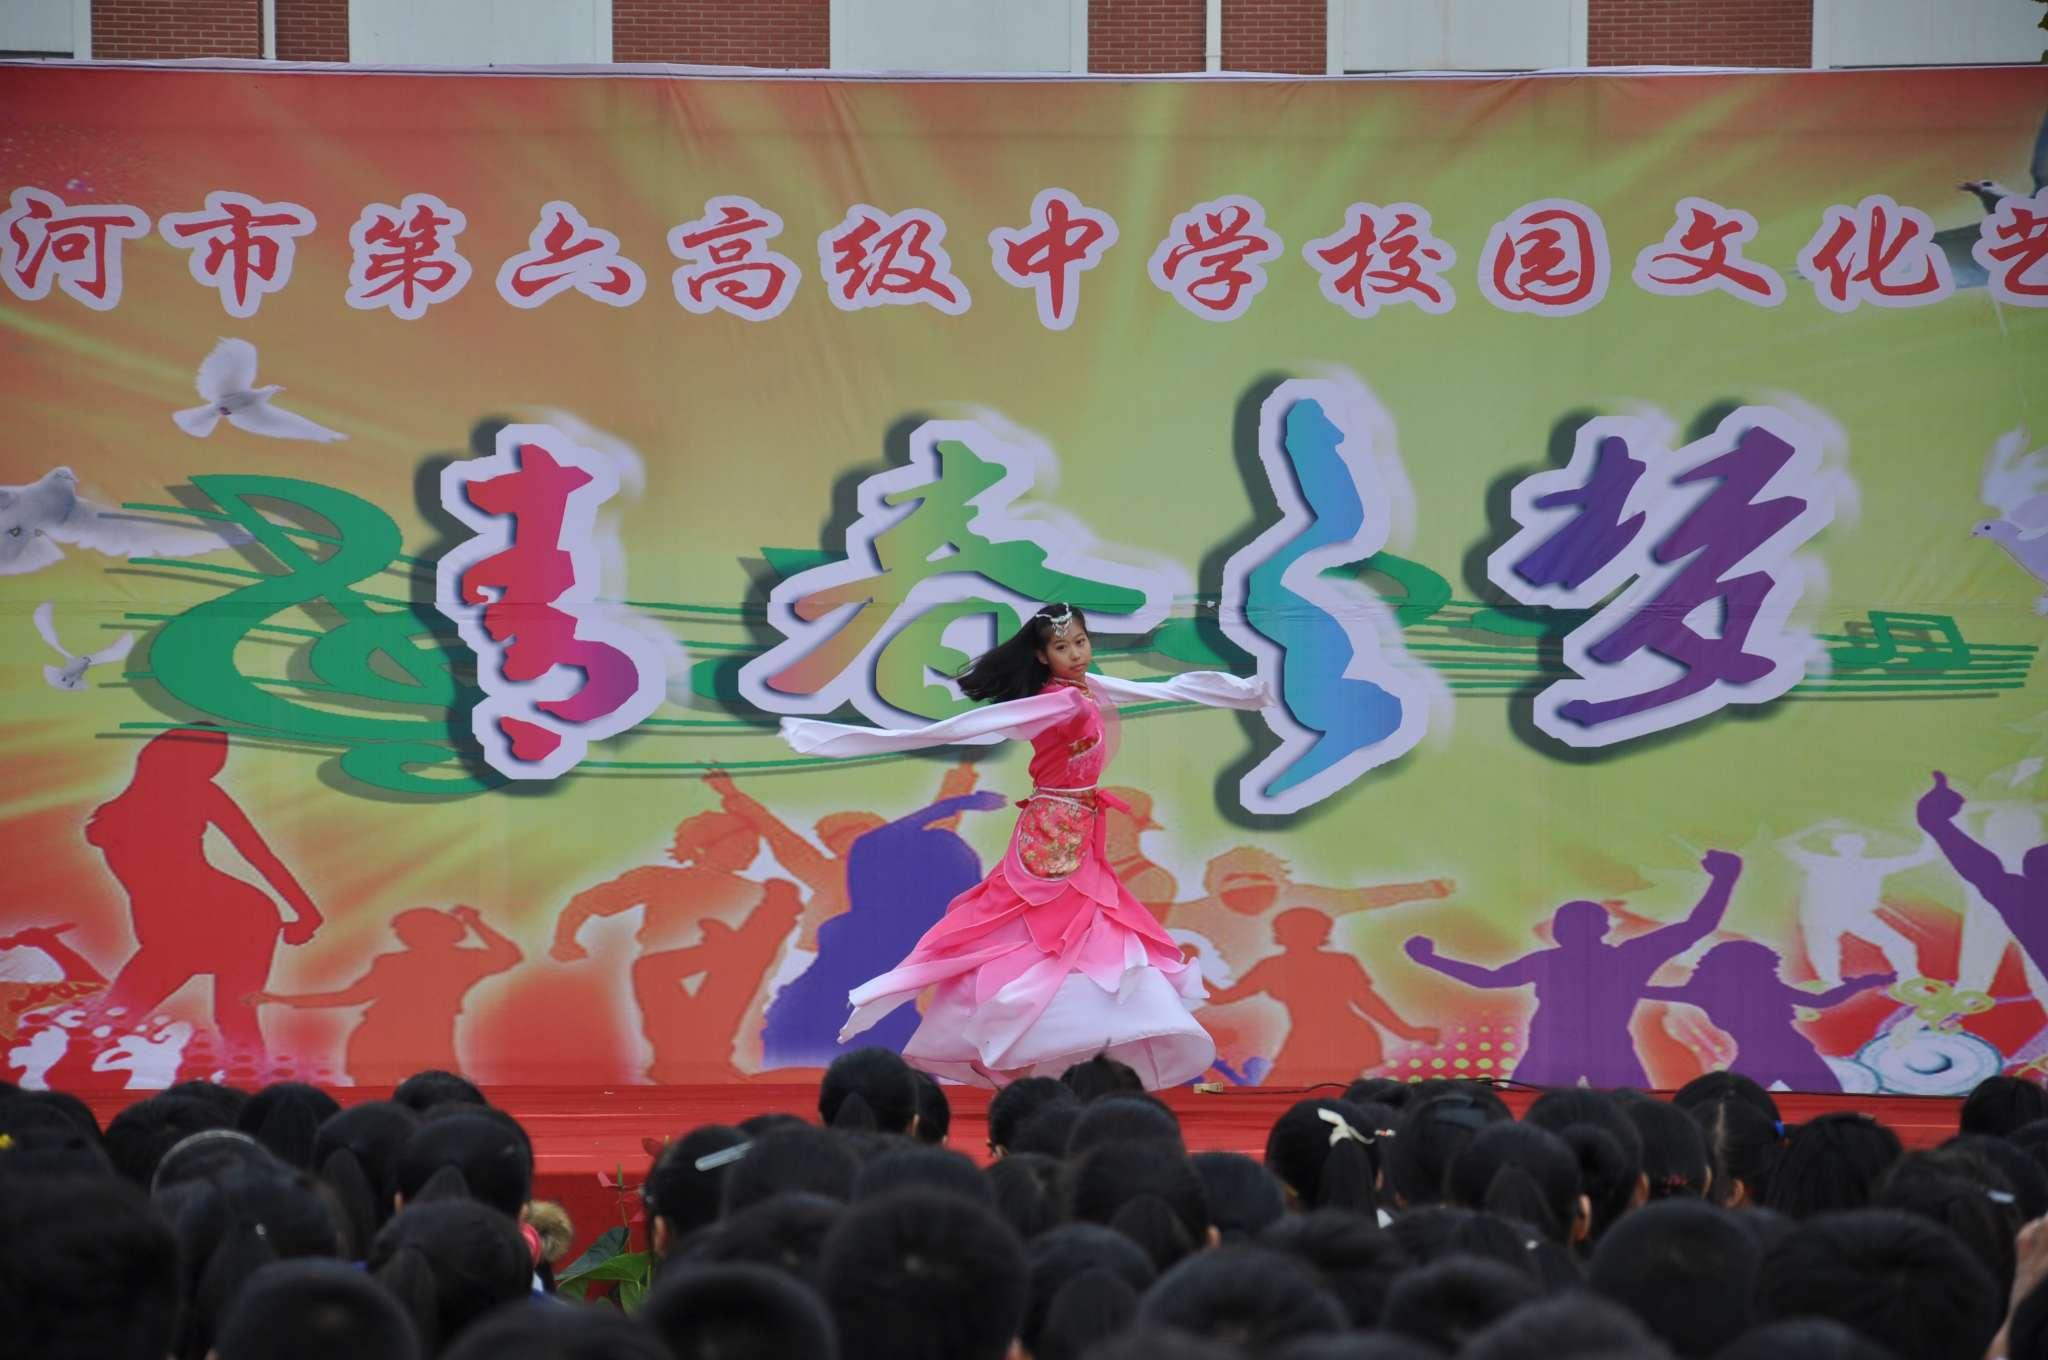 庄河六高中第四届校园文化艺术节文艺汇演